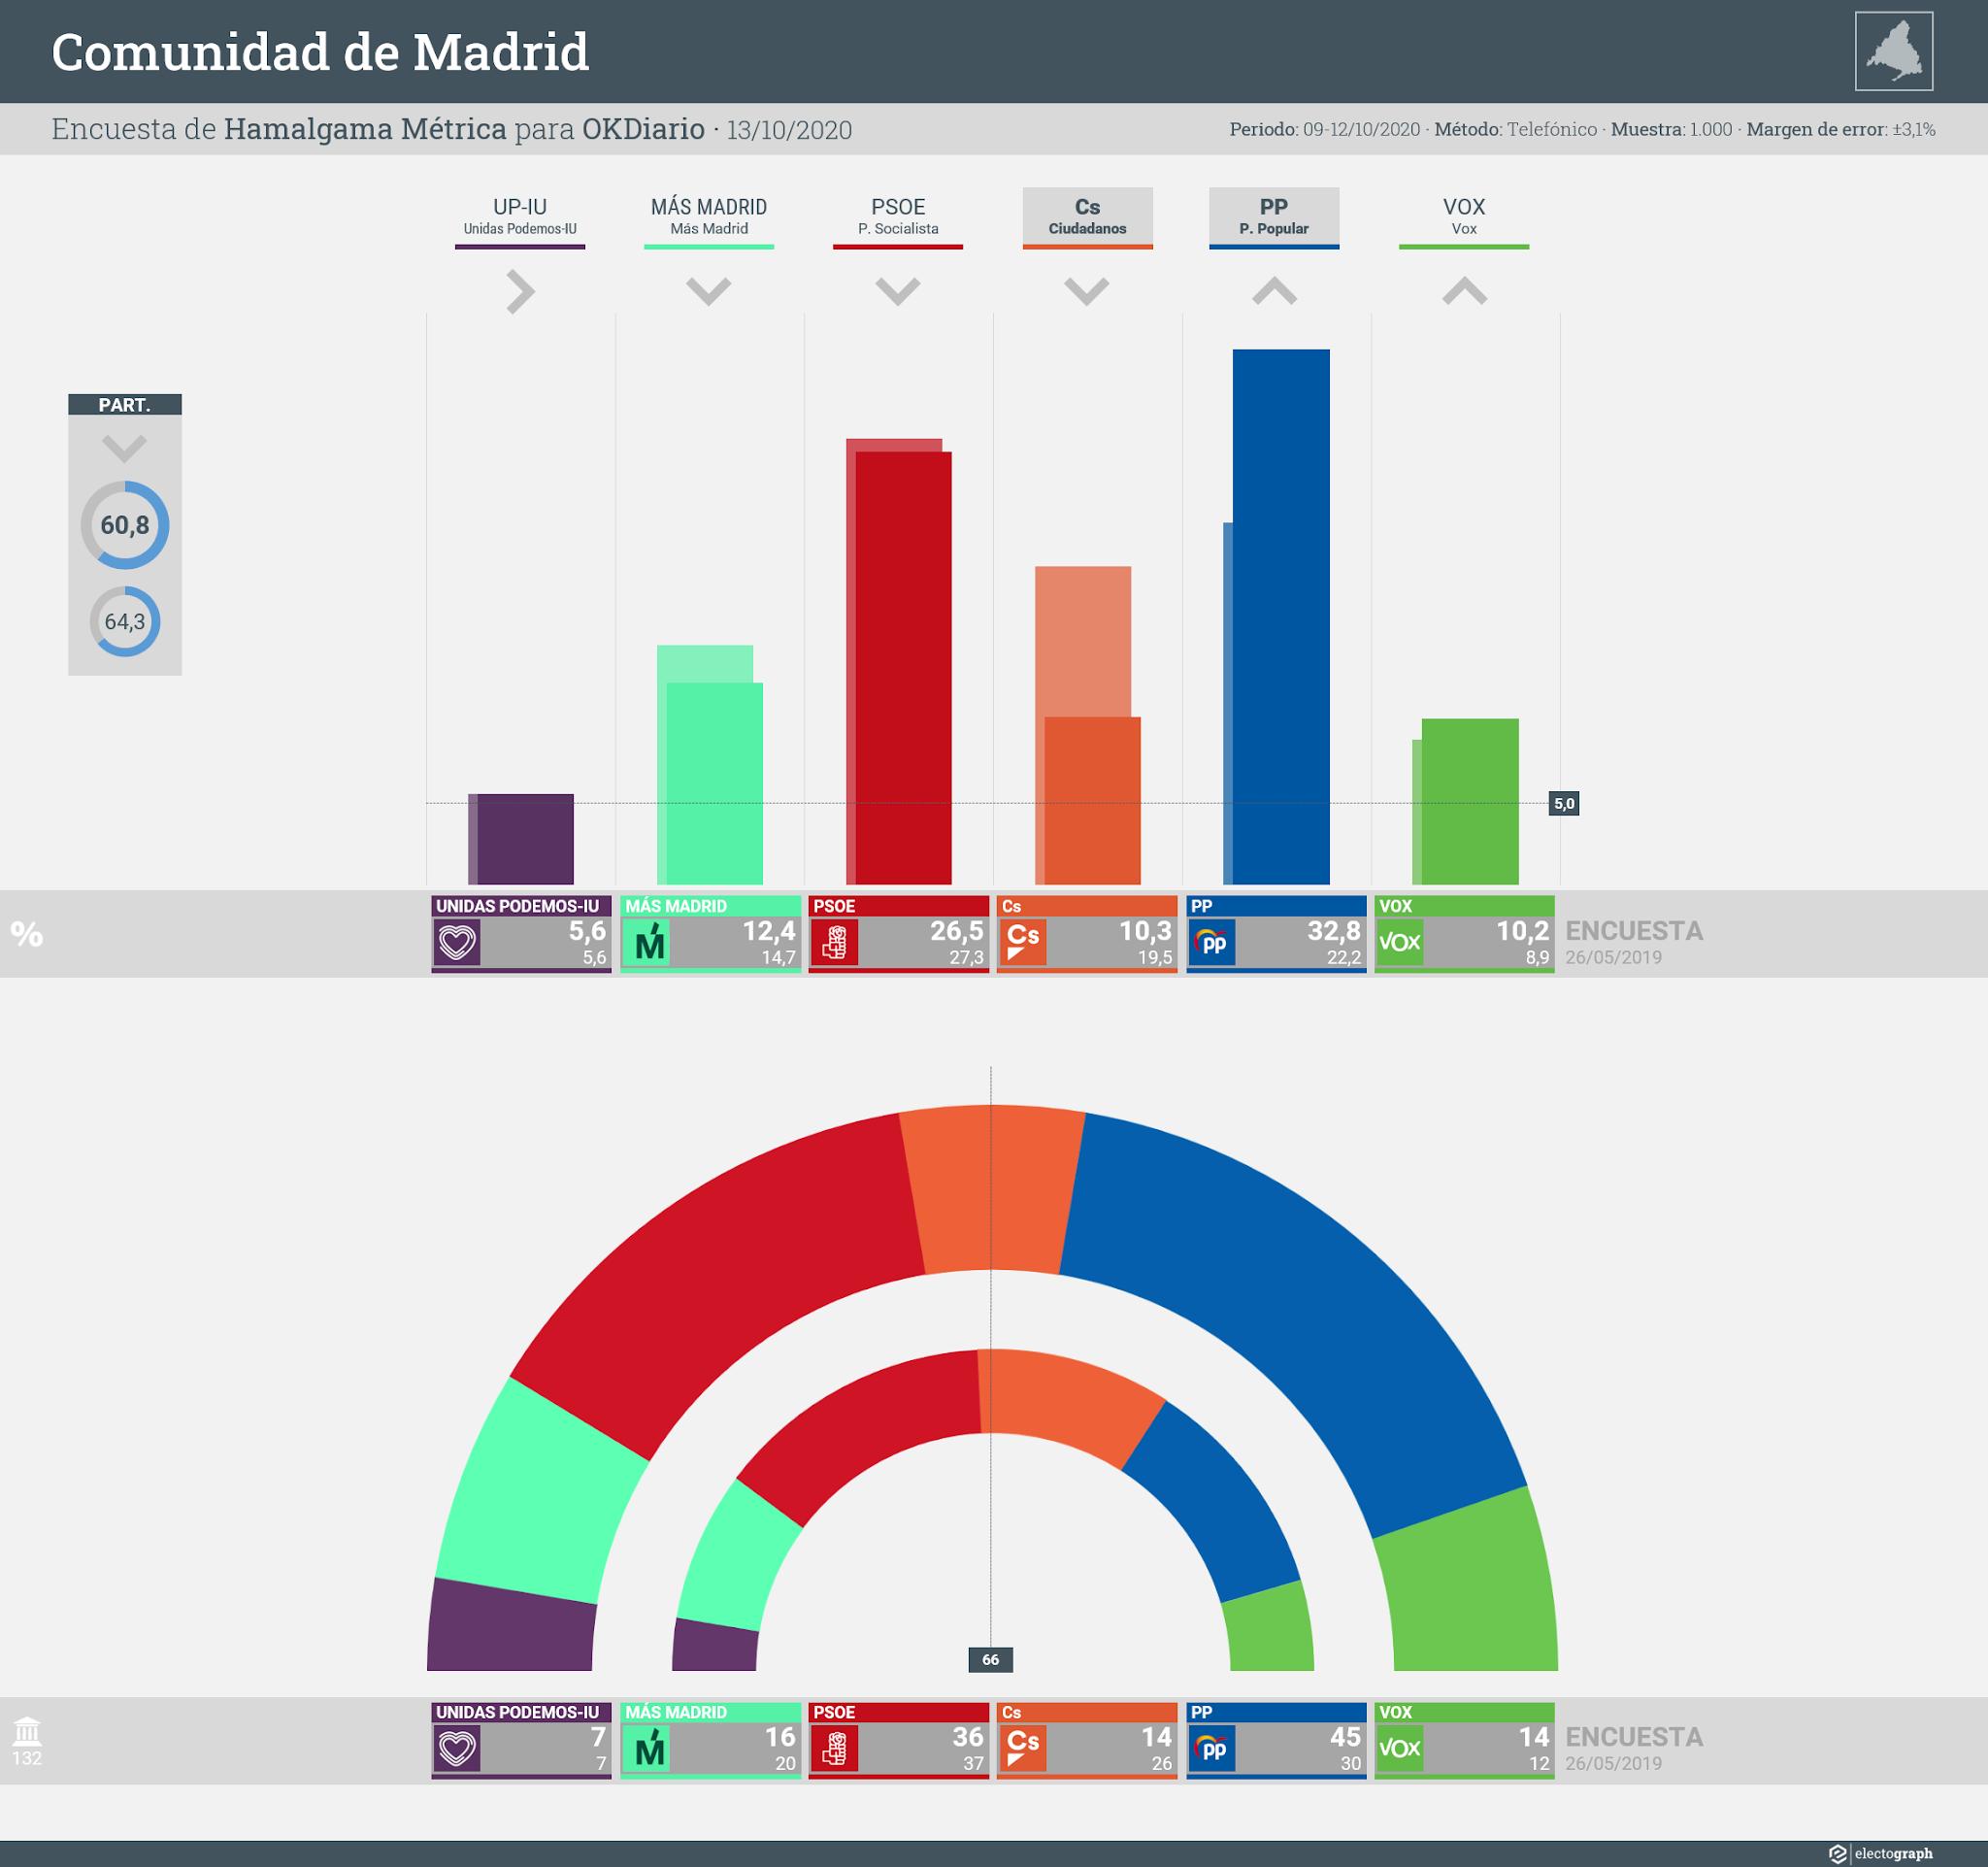 Gráfico de la encuesta para elecciones autonómicas en la Comunidad de Madrid realizada por Hamalgama Métrica para OKDiario, 13 de octubre de 2020